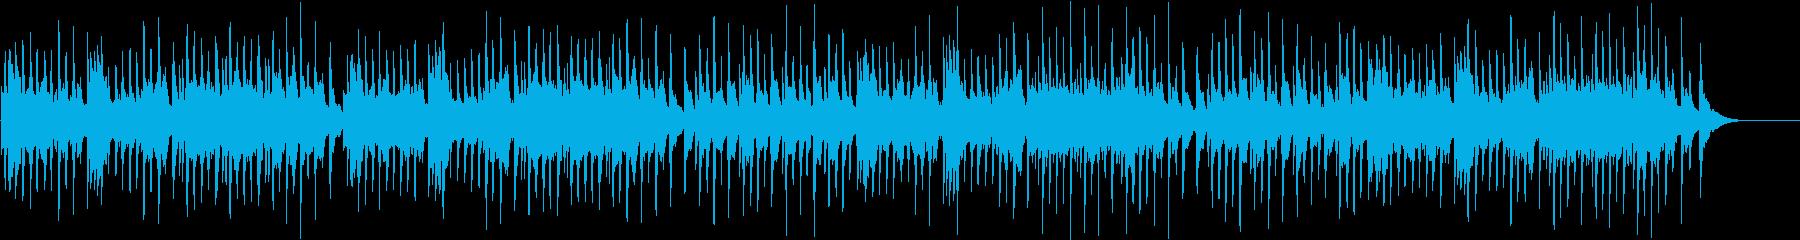 ボッケリーニ  メヌエット オルゴールの再生済みの波形